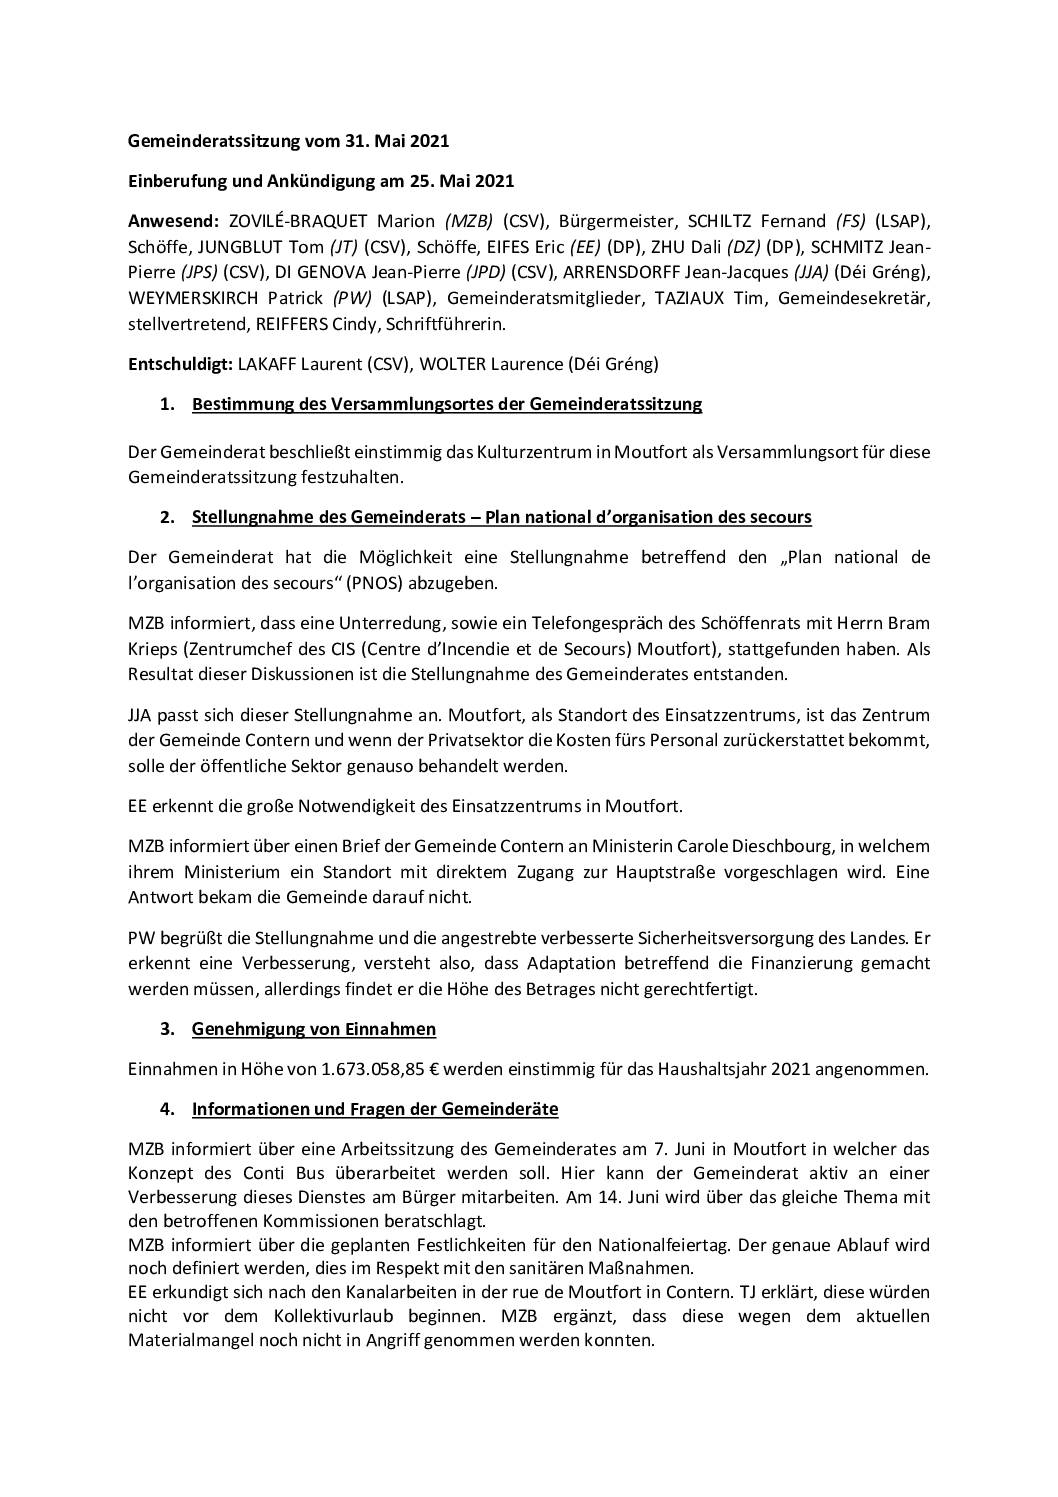 2021 05 31 Bericht der Gemeinderatssitzung